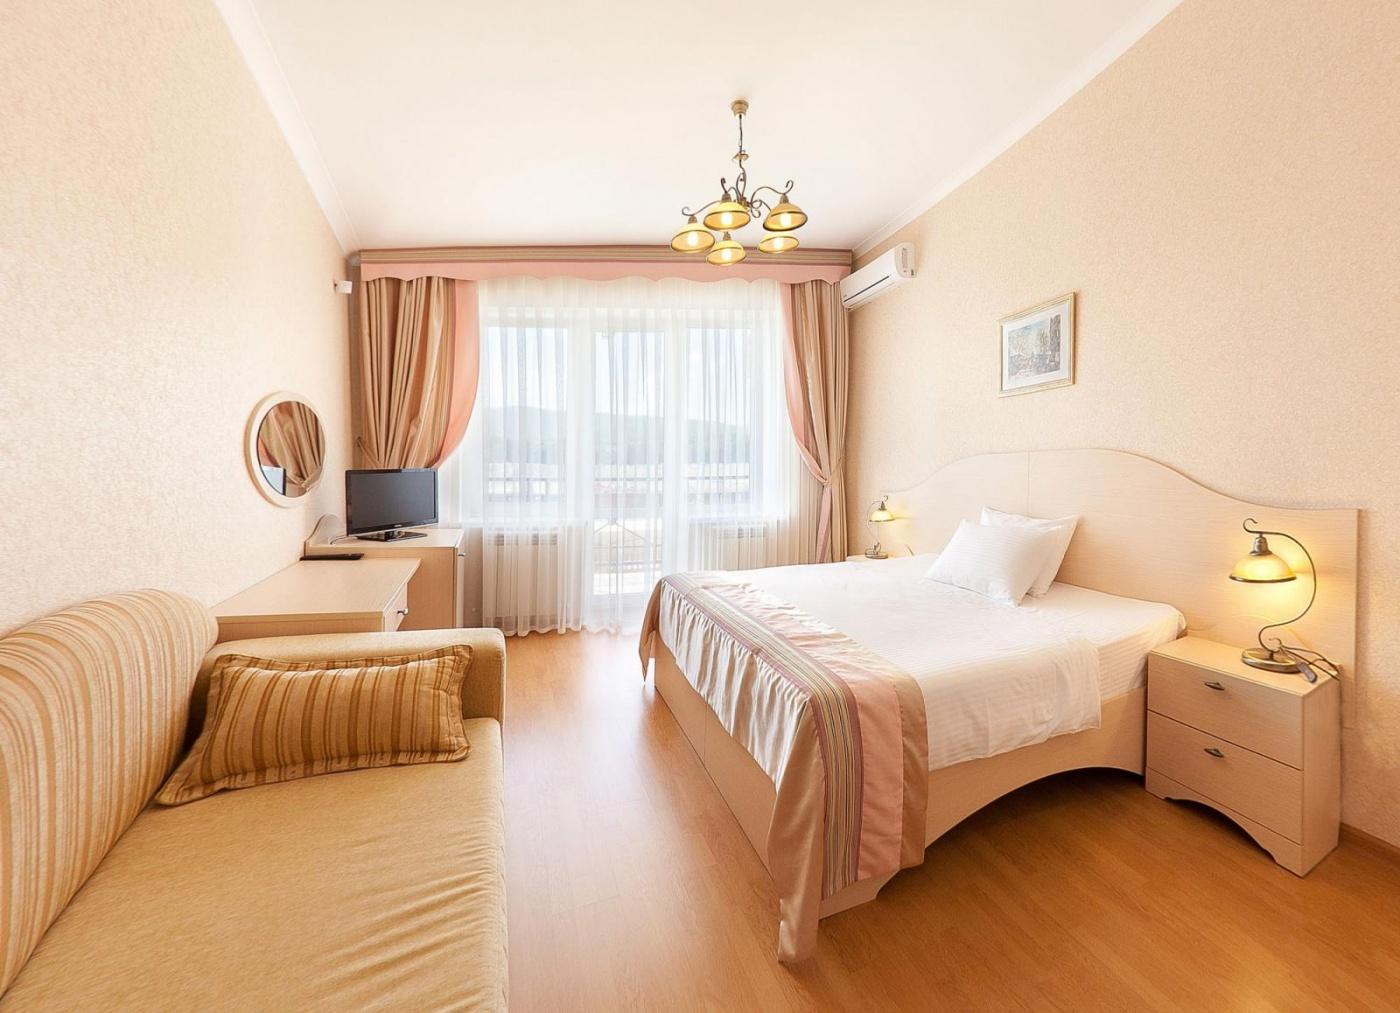 Отель «Бонжур» Краснодарский край Стандарт 2-местный, фото 1